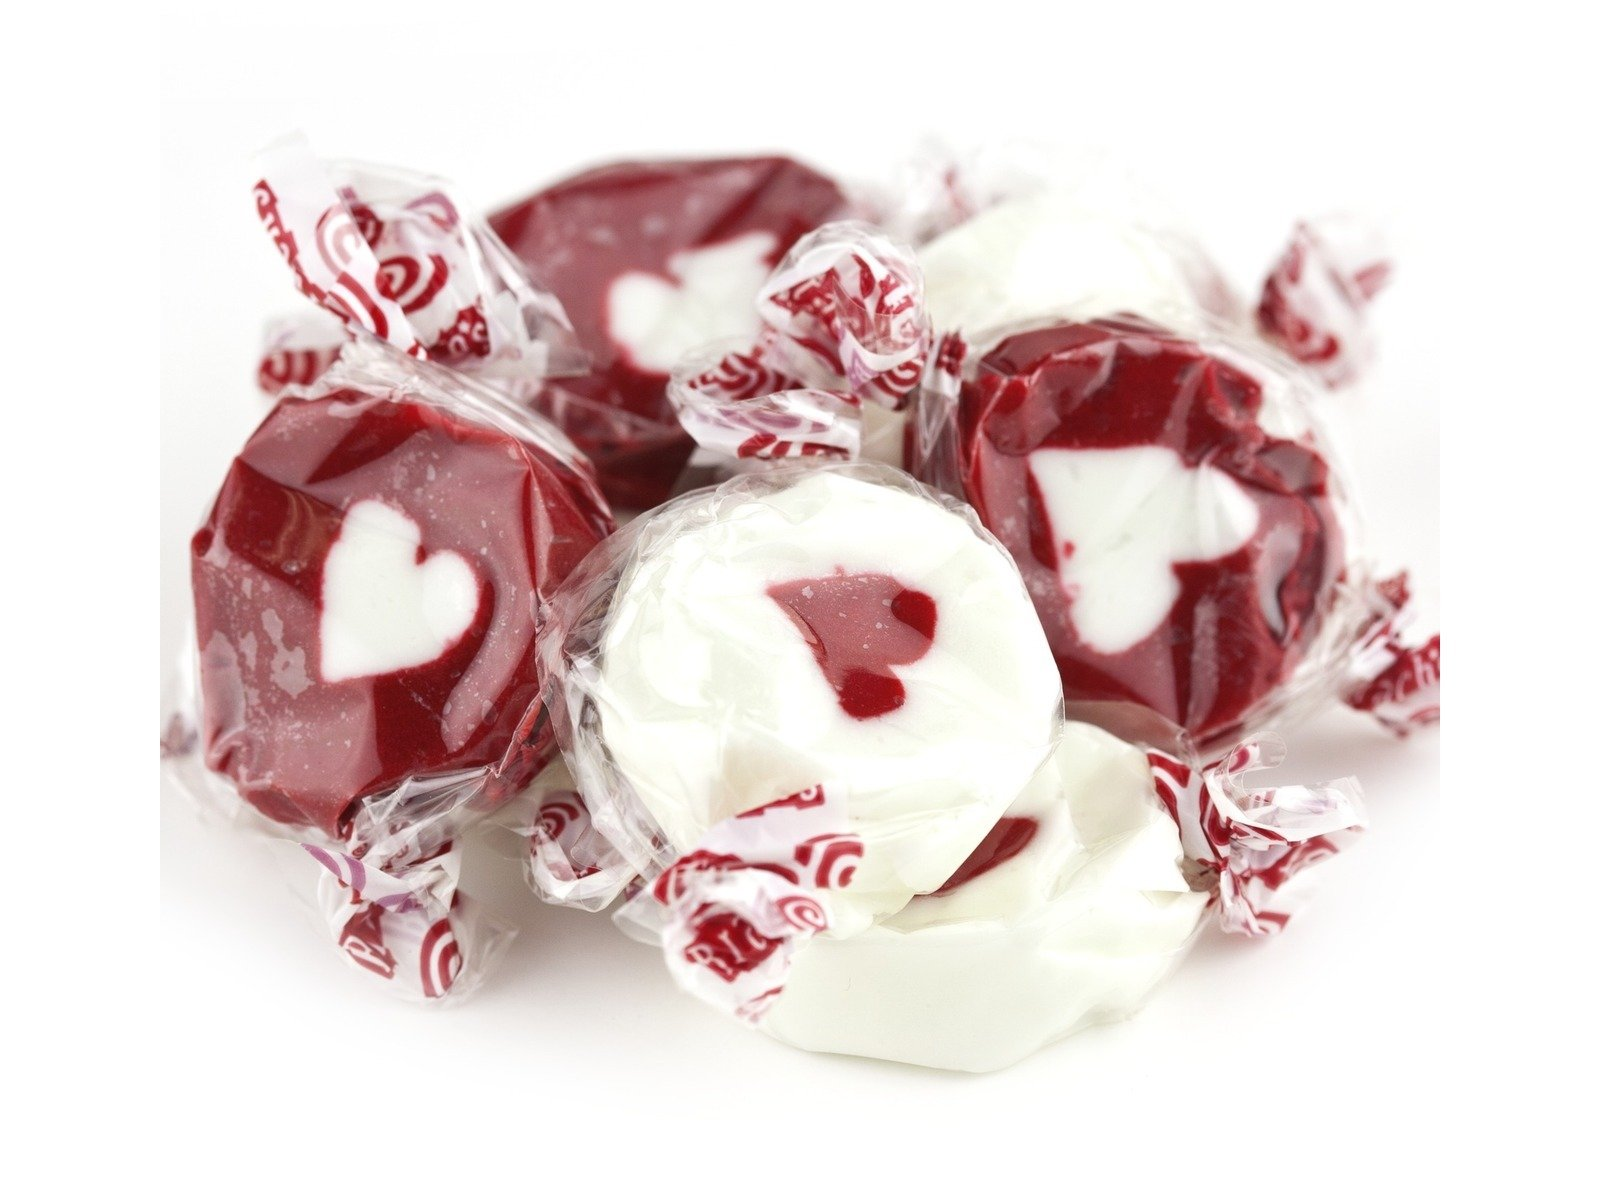 Valentine Nougats Brach's Peppermint Nougats 5 pounds Brachs Nougats by Brach's